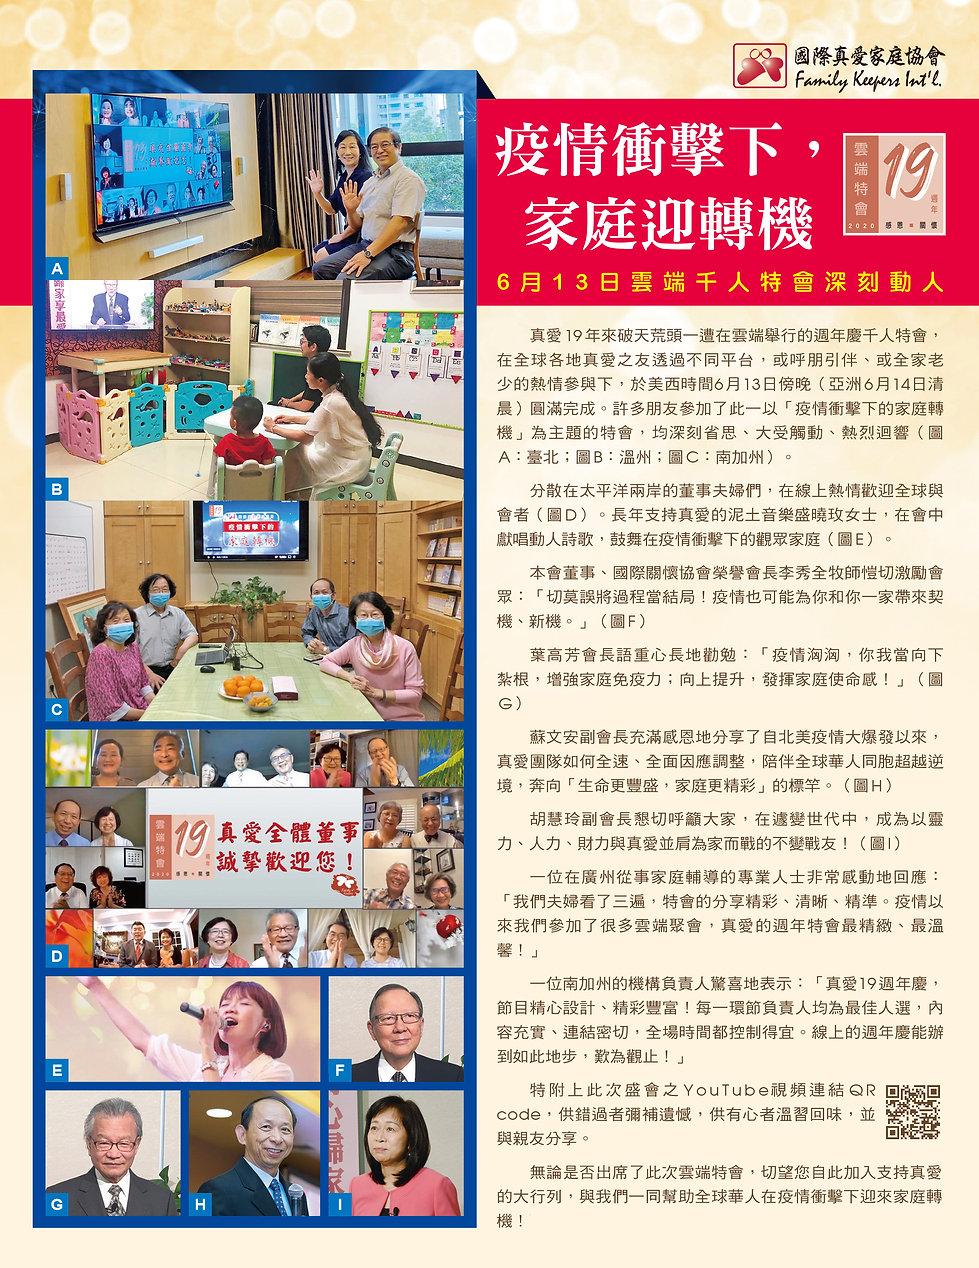 0618-國際真愛雜誌114期P32全版_300dpi copy.jpg